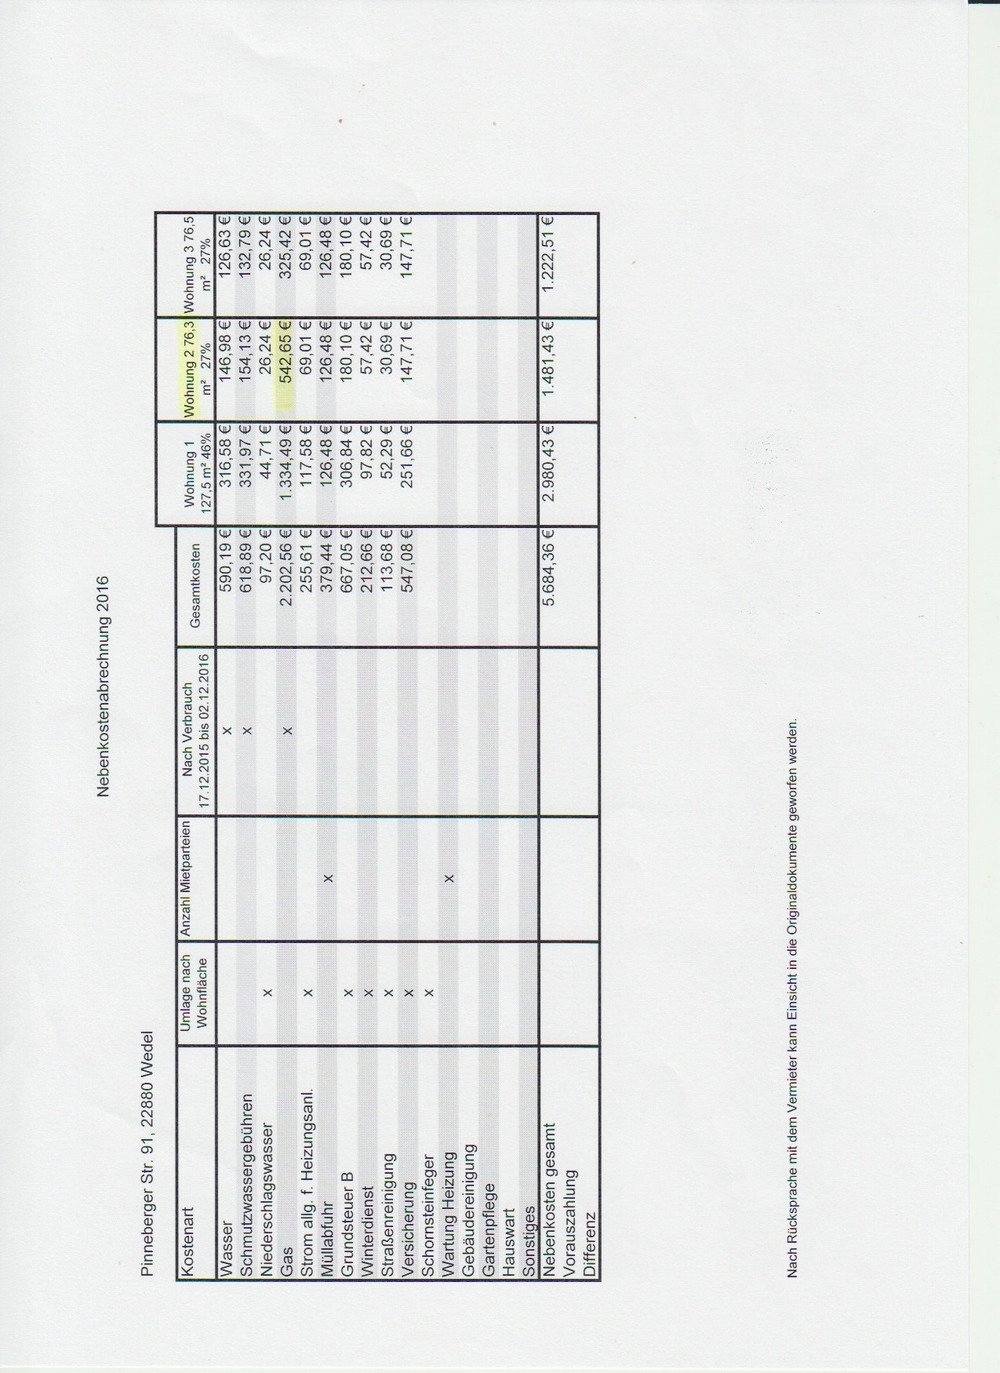 Wohngeldabrechnung 2016 Pi. Str. 91